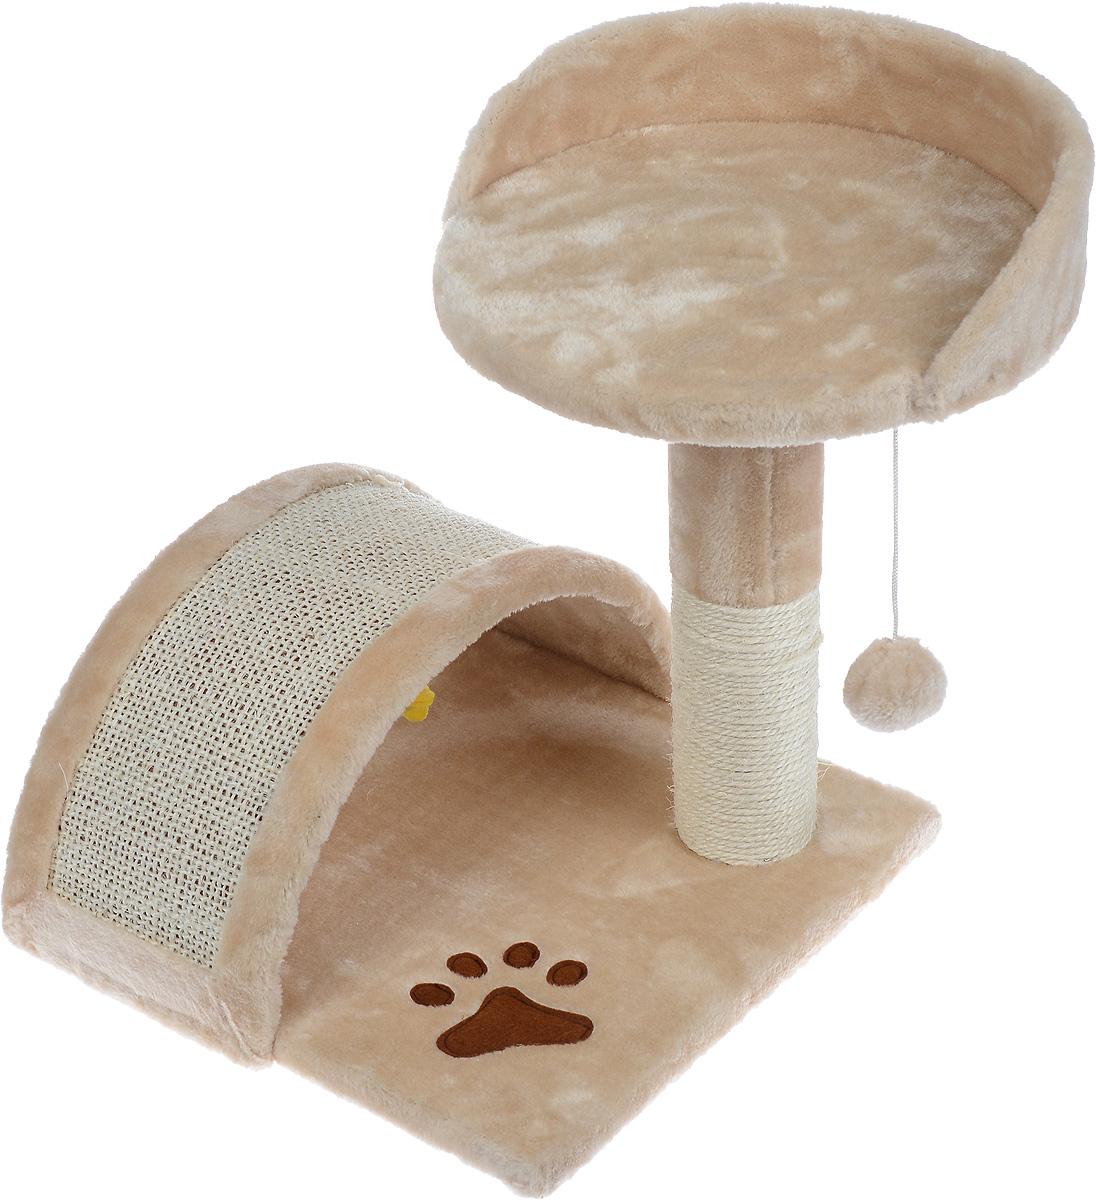 Когтеточка Aimigou, с полкой и игрушками, цвет: бежевый, белый, 43 х 42 х 42 смQQ80324-7Когтеточка Aimigou поможет сохранить мебель и ковры в доме от когтей вашего любимца, стремящегося удовлетворить свою естественную потребность точить когти. Когтеточка изготовлена из ДСП, искусственного меха и сизаля. Товар продуман в мельчайших деталях и, несомненно, понравится вашей кошке. Сверху имеется полка. Точить когти ваш питомец будет о полукруглую горку или столбик с покрытием из сизаля. Под горкой расположена мягкая игрушка в виде рыбки. Всем кошкам необходимо стачивать когти. Когтеточка - один из самых необходимых аксессуаров для кошки. Для приучения к когтеточке можно натереть ее сухой валерьянкой или кошачьей мятой. Когтеточка поможет вашему любимцу стачивать когти и при этом не портить вашу мебель. Размер основания: 34 х 34 см. Высота когтеточки (с учетом полки): 42 см. Размер полки: 30,5 х 30 см.